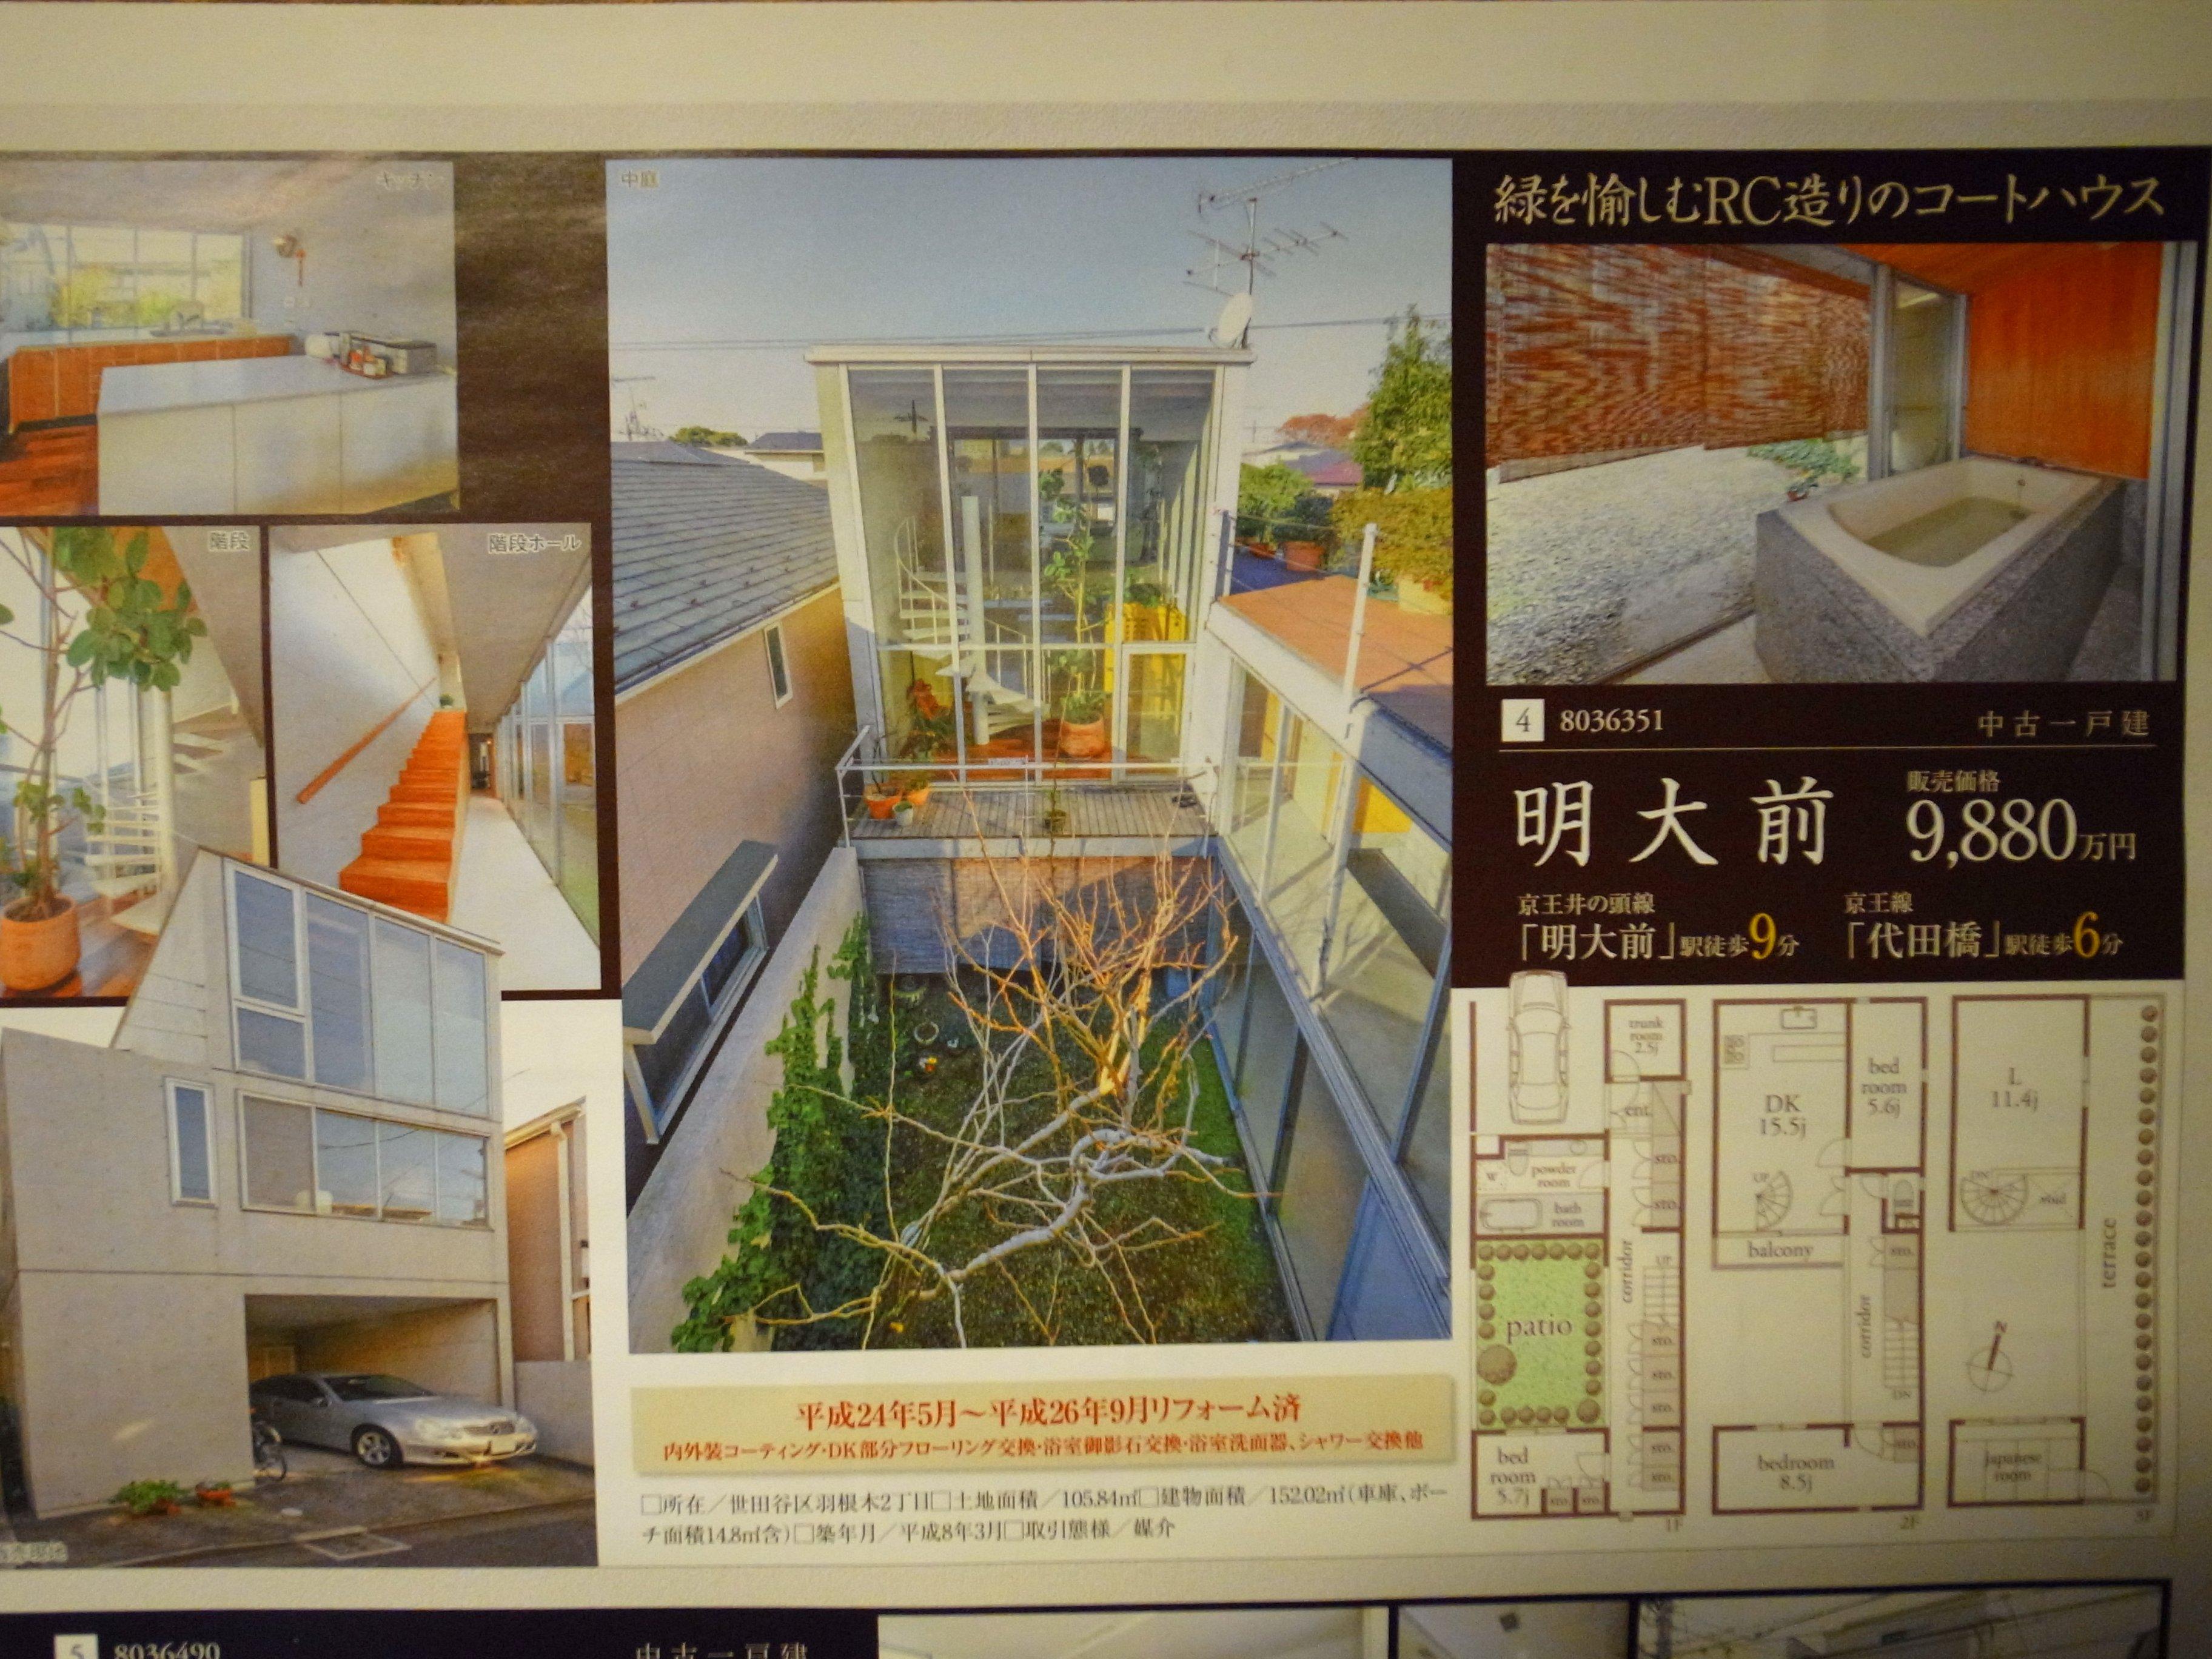 「建築家の自邸、お譲りします。羽根木の家」 その後・・・